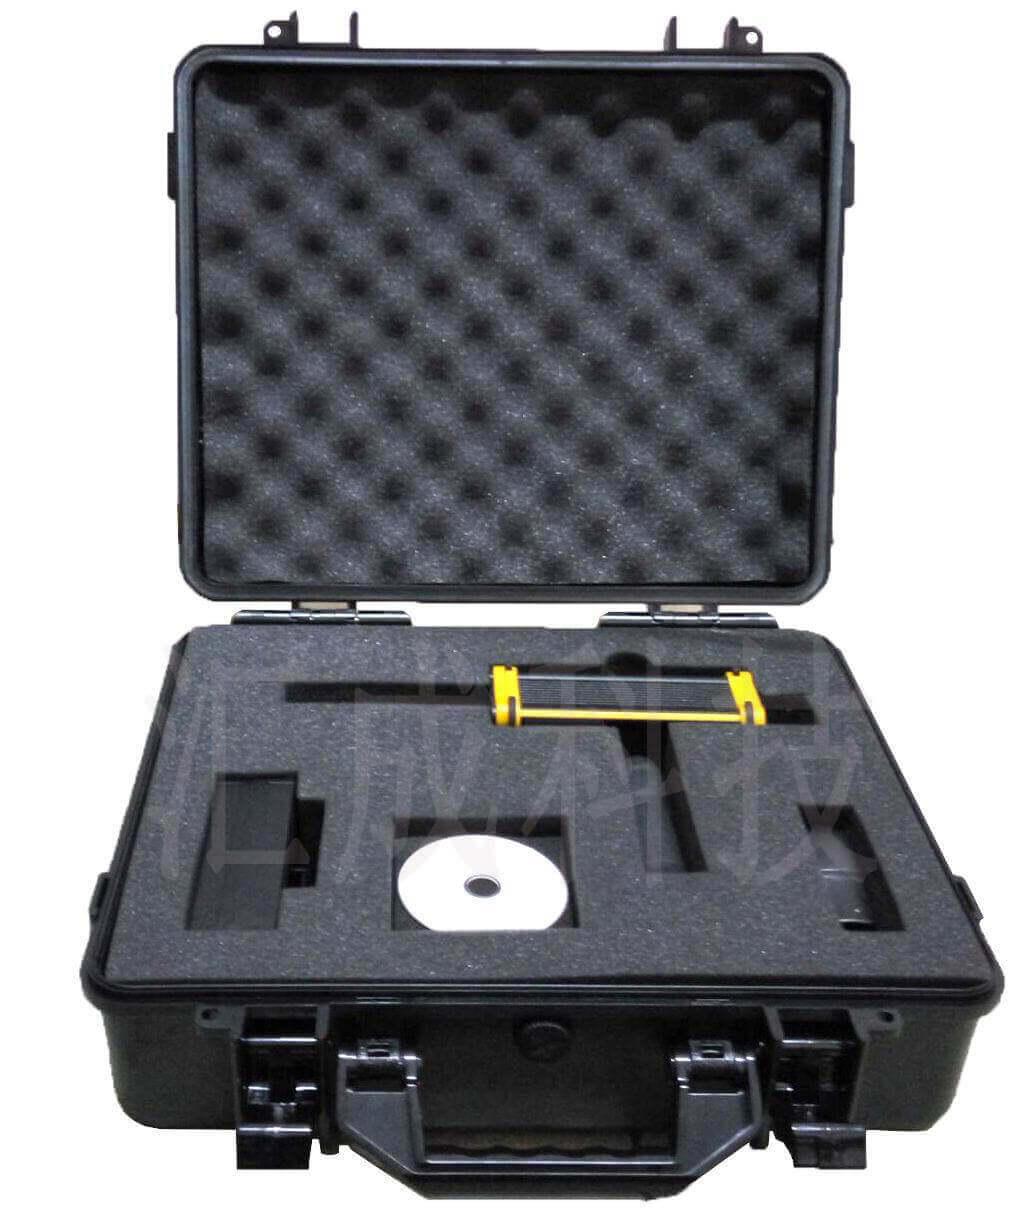 美國黑鷹GR-100大深度精準定位地下金屬探測器